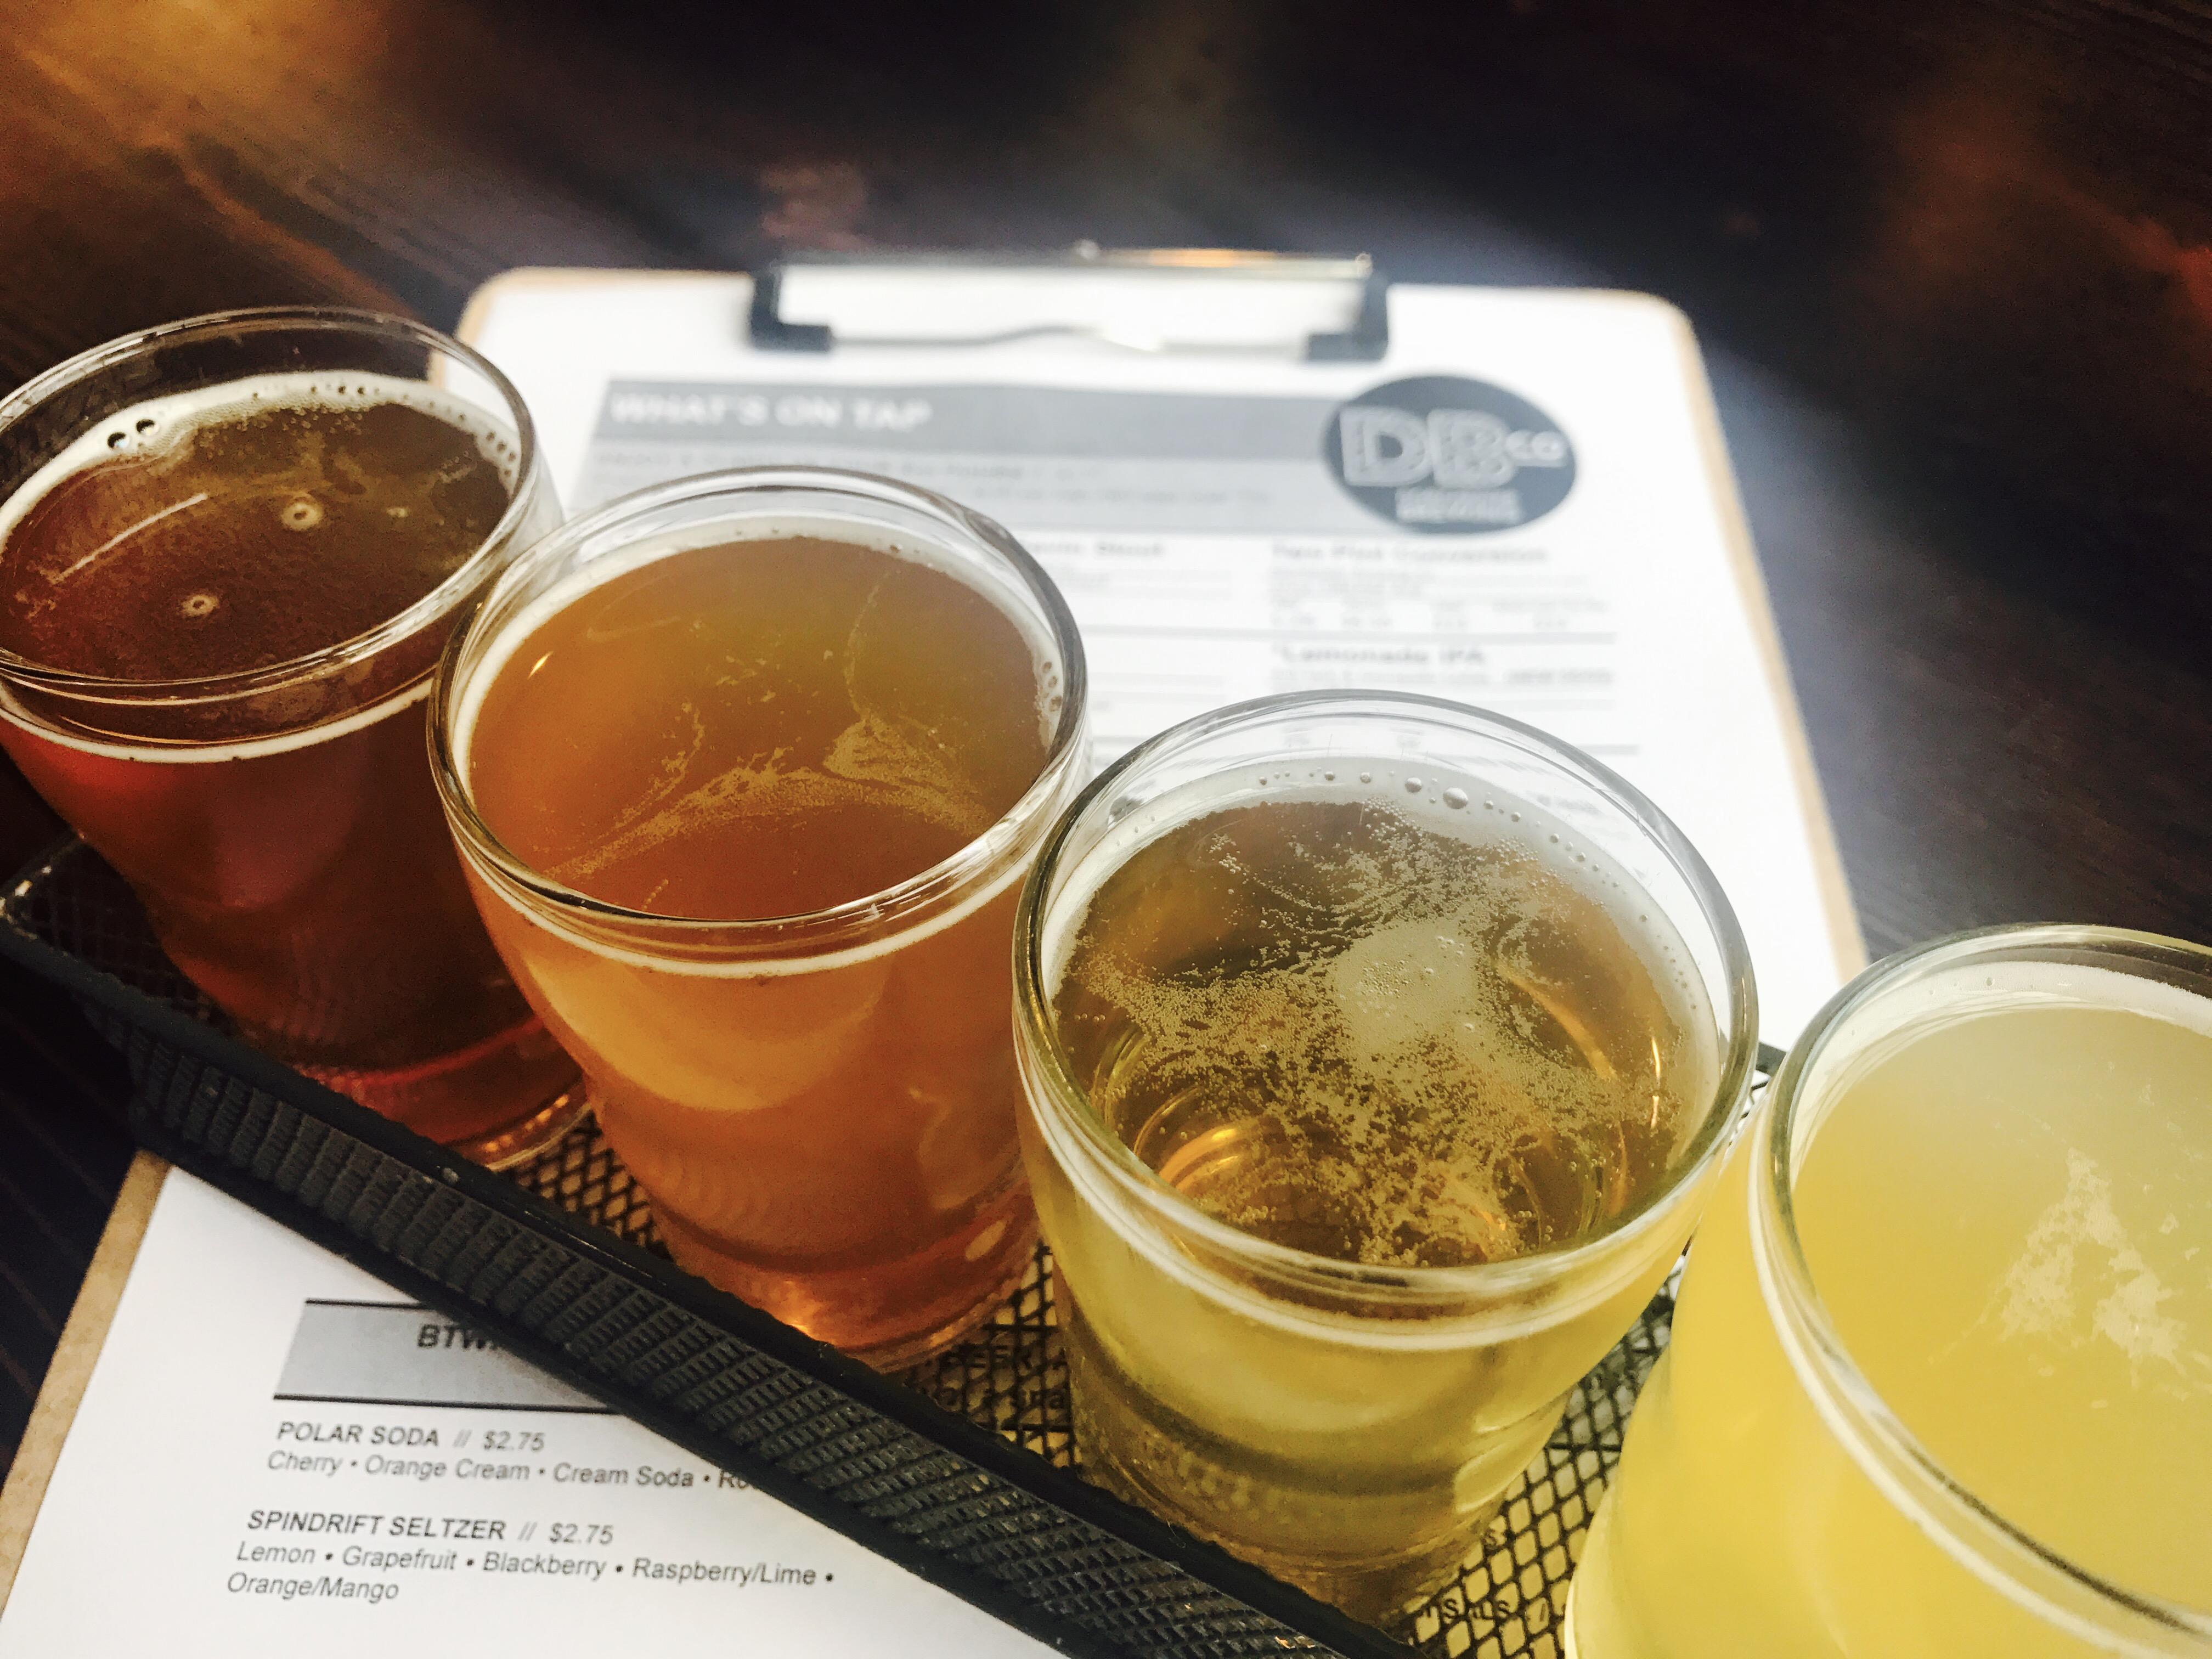 dorchester brewing company